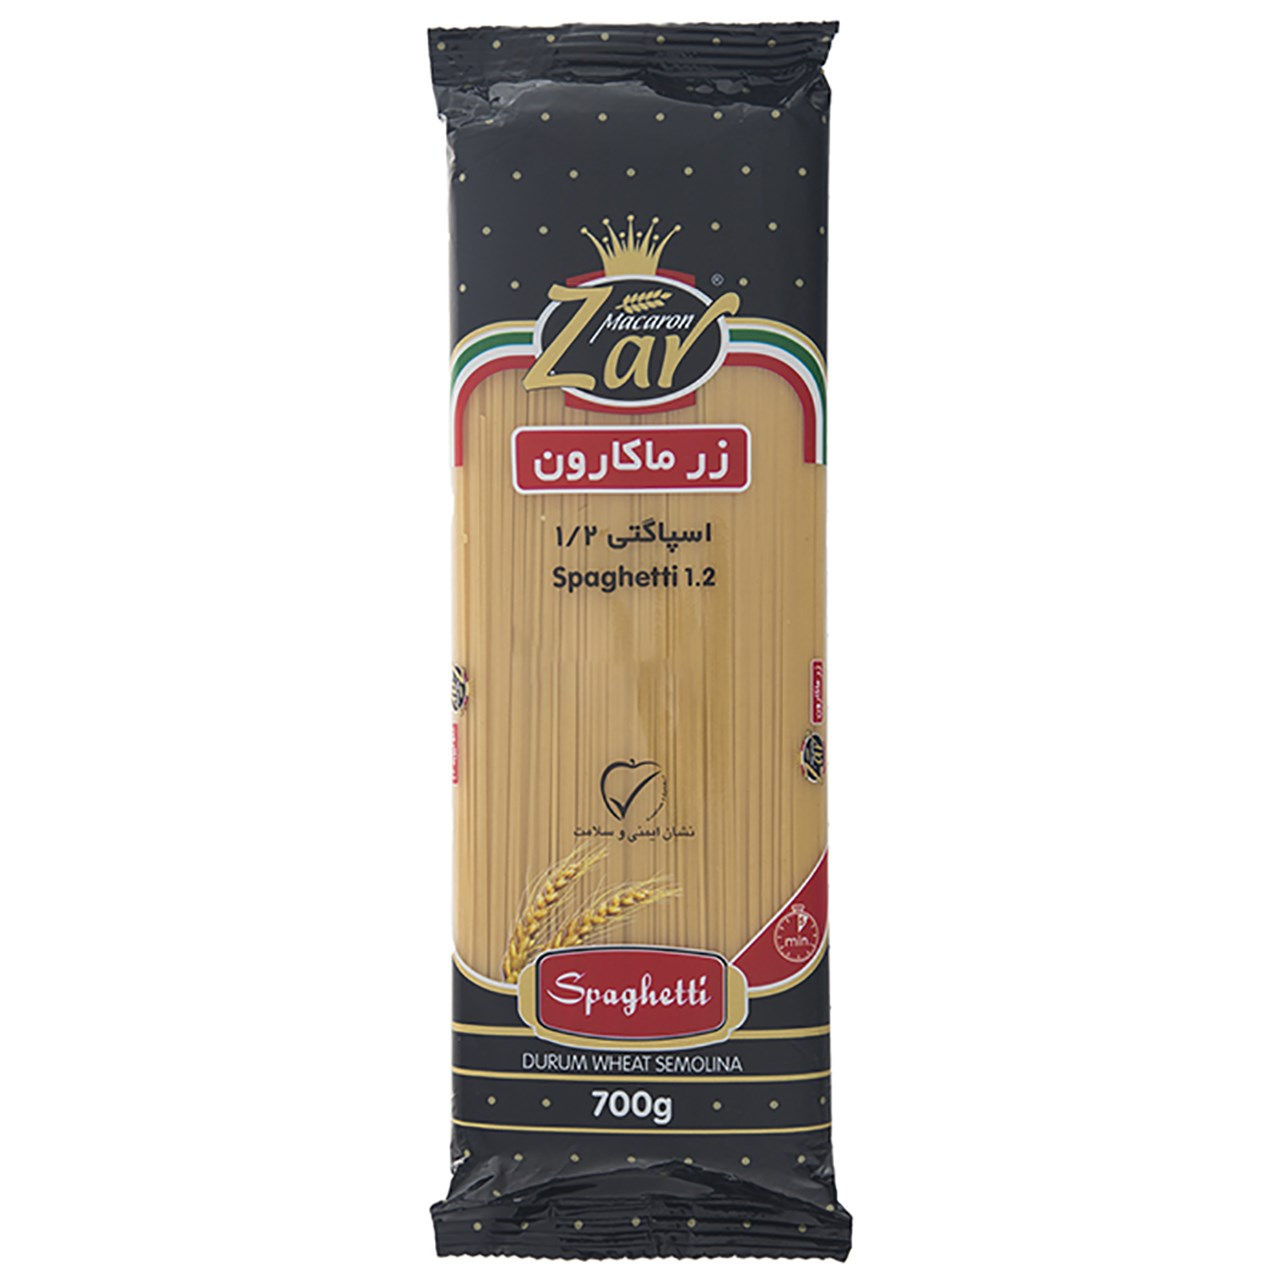 اسپاگتی قطر 1.2 زر ماکارون مقدار 700 گرم